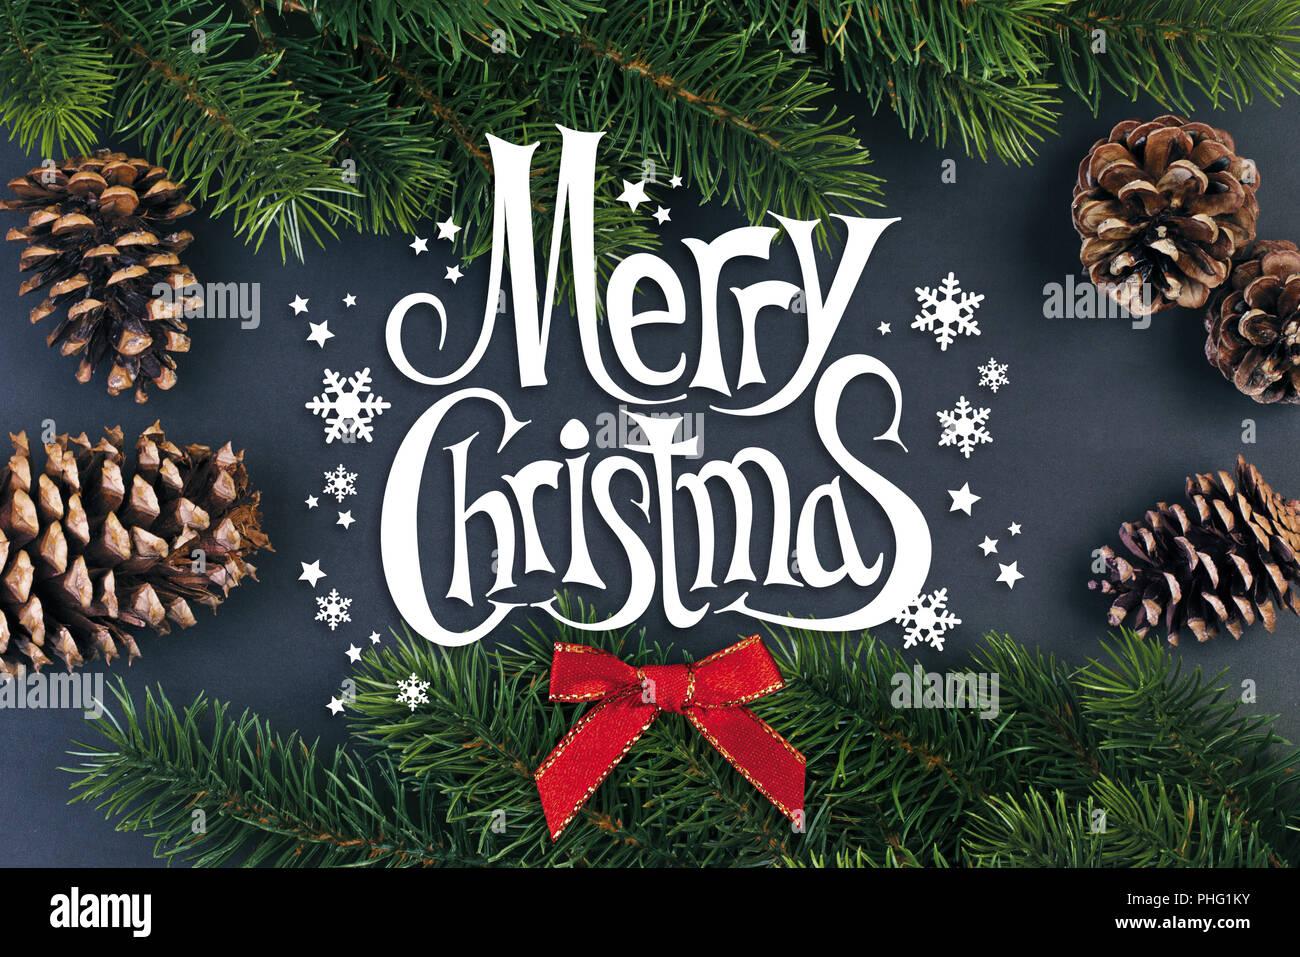 Englisch neujahrsgr e stockfotos englisch neujahrsgr e bilder alamy - Weihnachtsbaum englisch ...